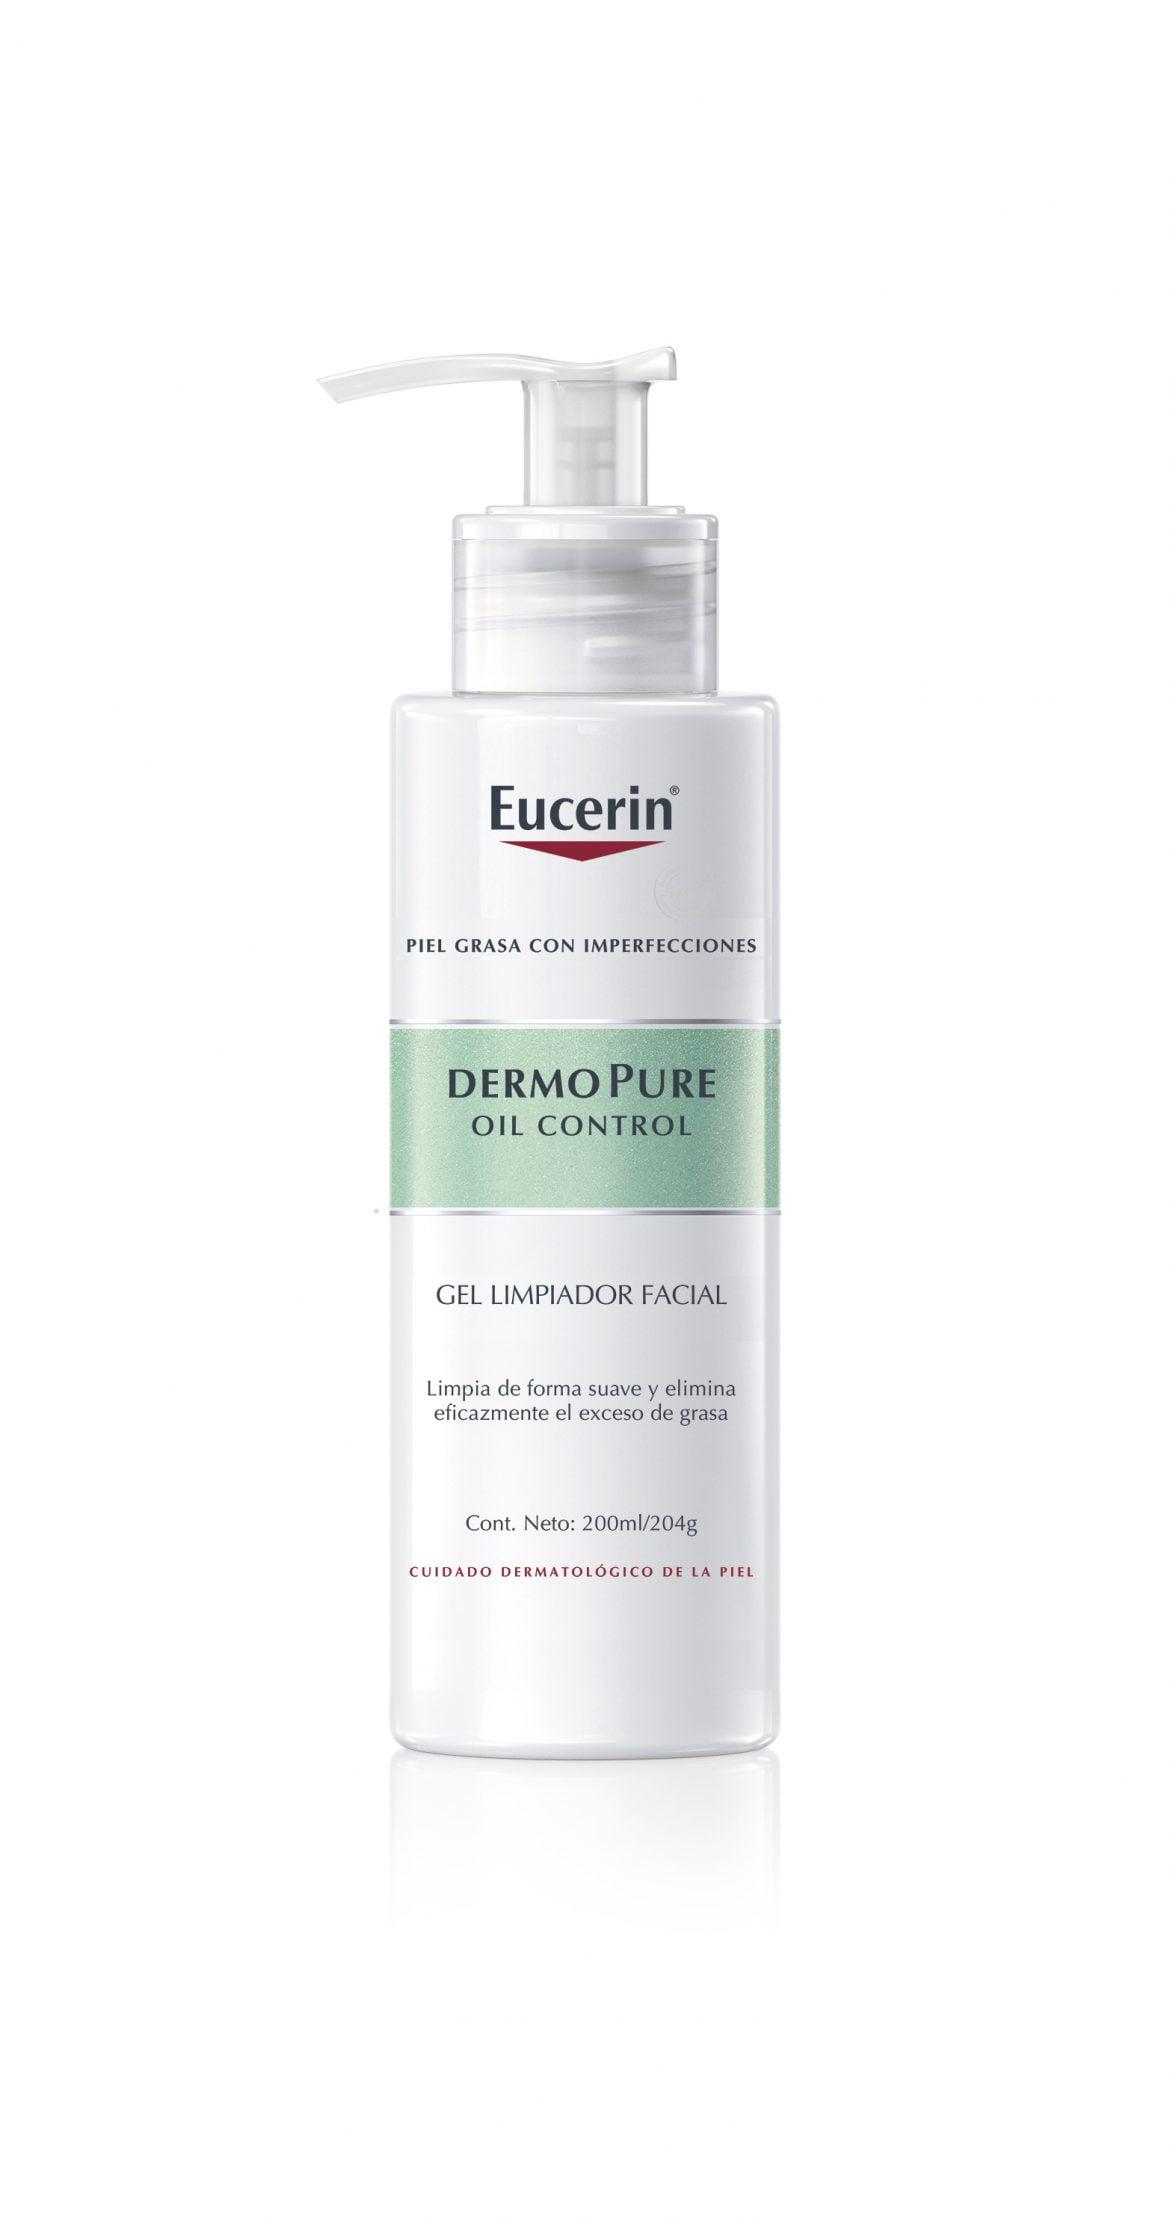 Plántale cara al acné otoñal con Eucerin DERMOPURE